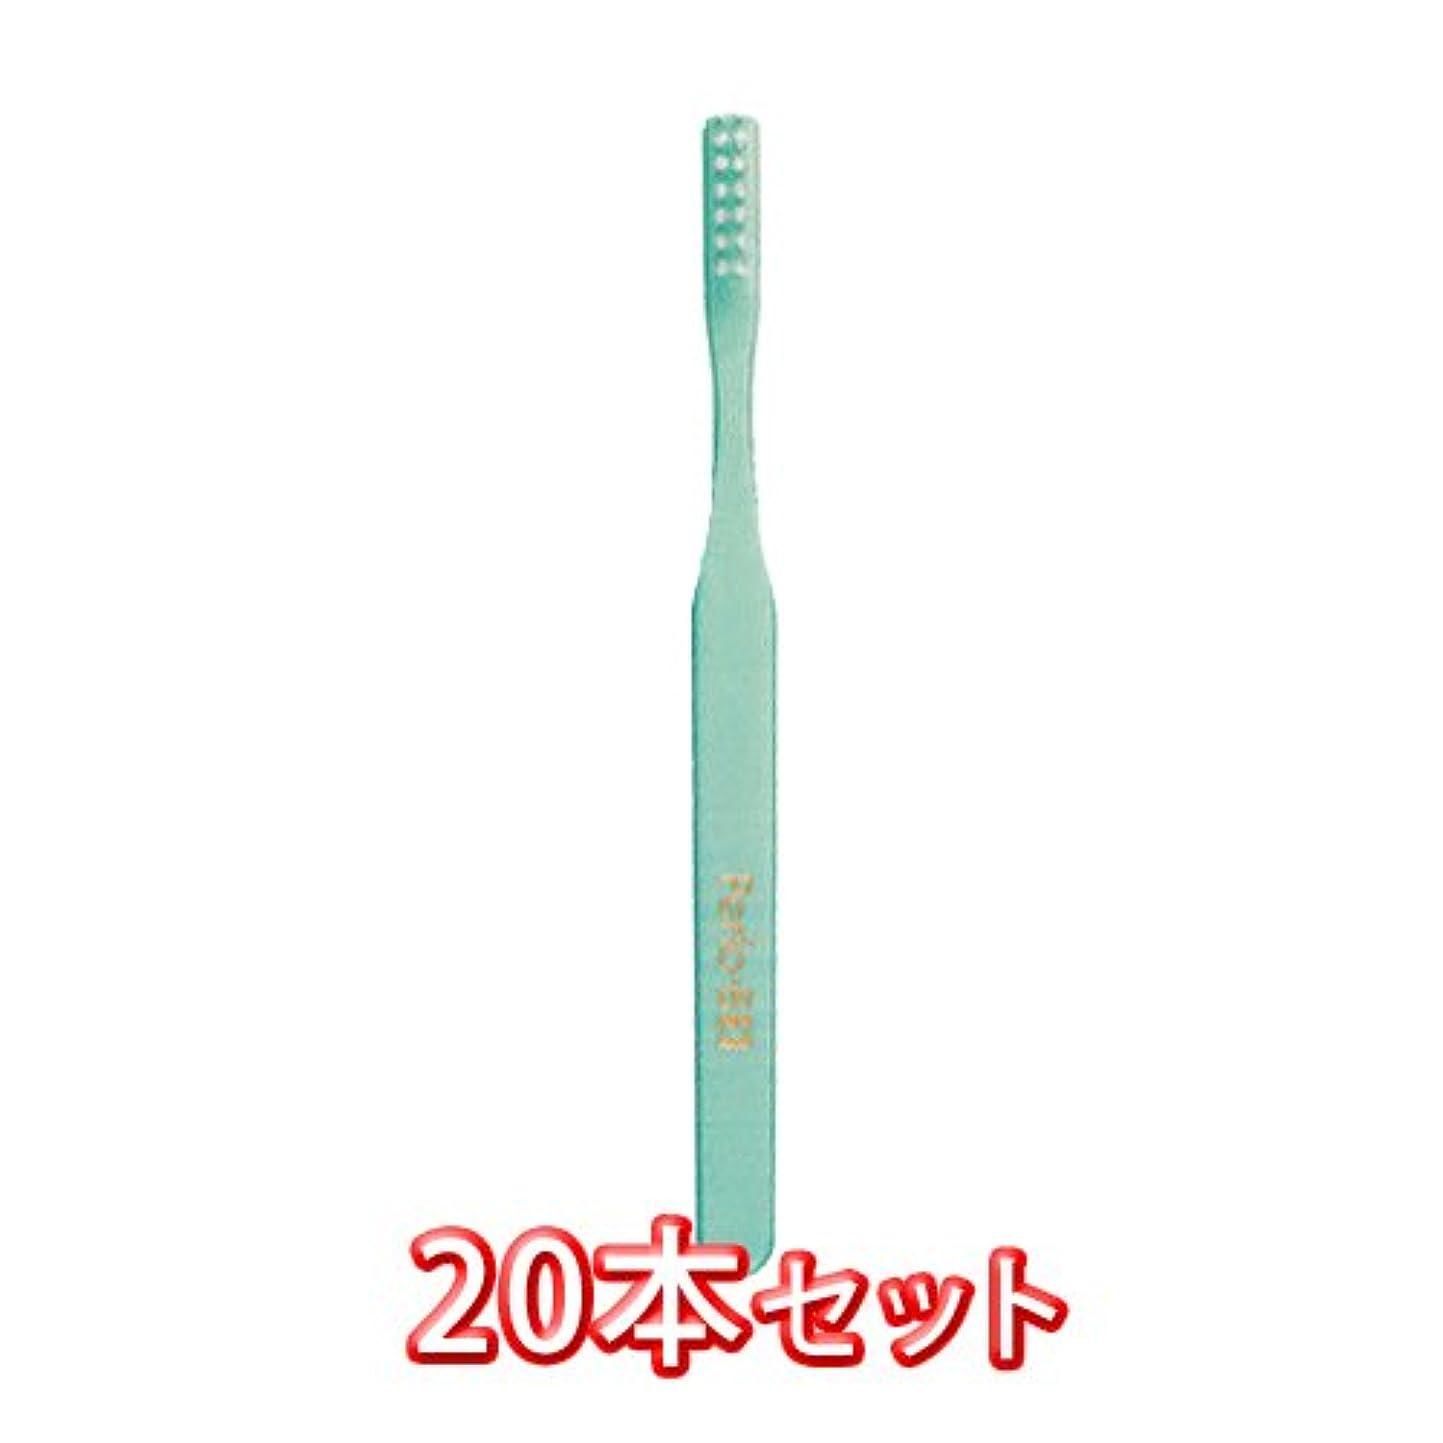 サンスター ペリオ歯ブラシ 20本入 ぺリオB2